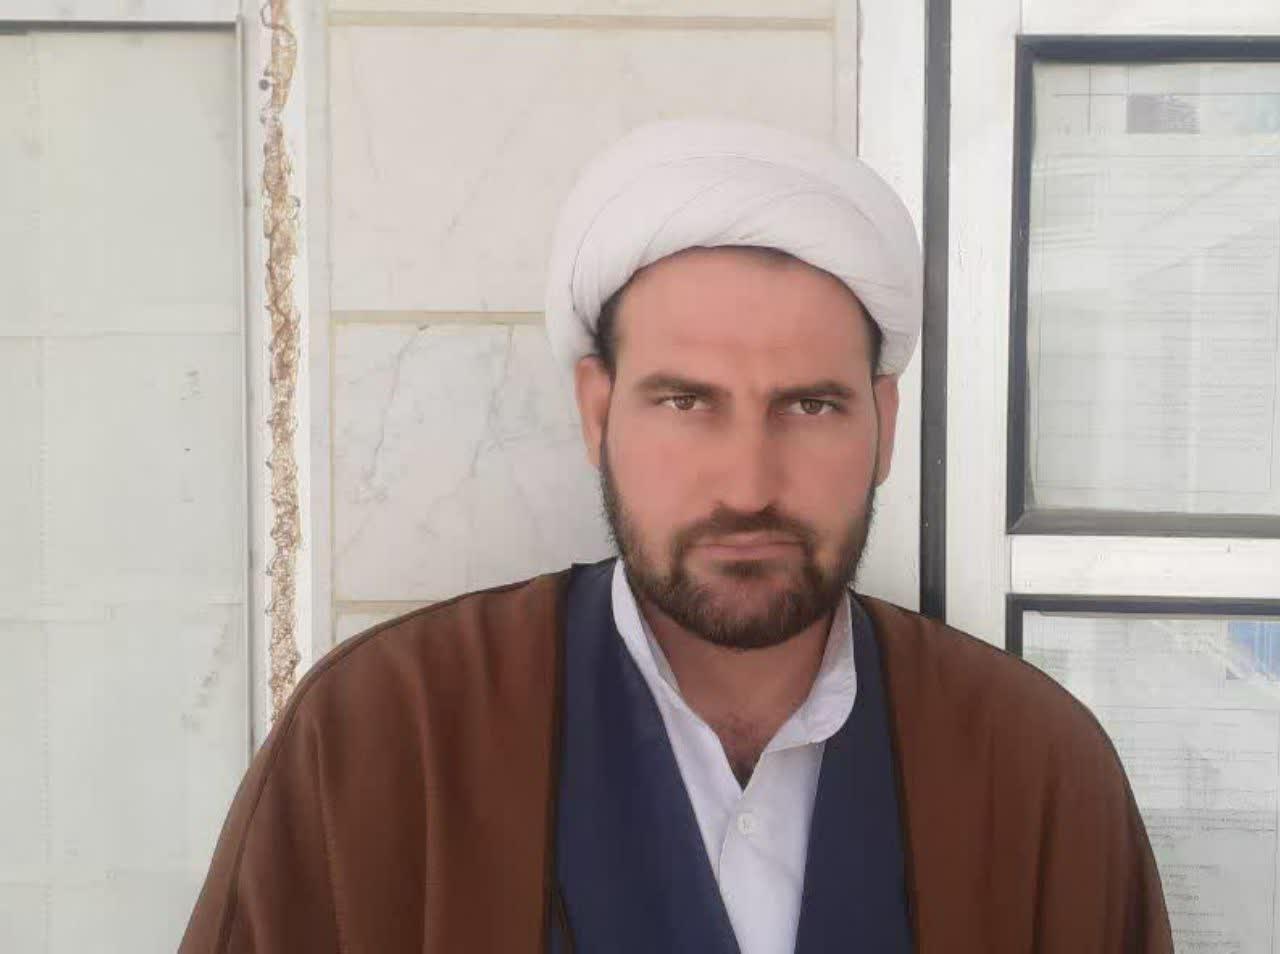 زندگینامه حجت الاسلام والمسلمین رضا تقی پور کوهزری